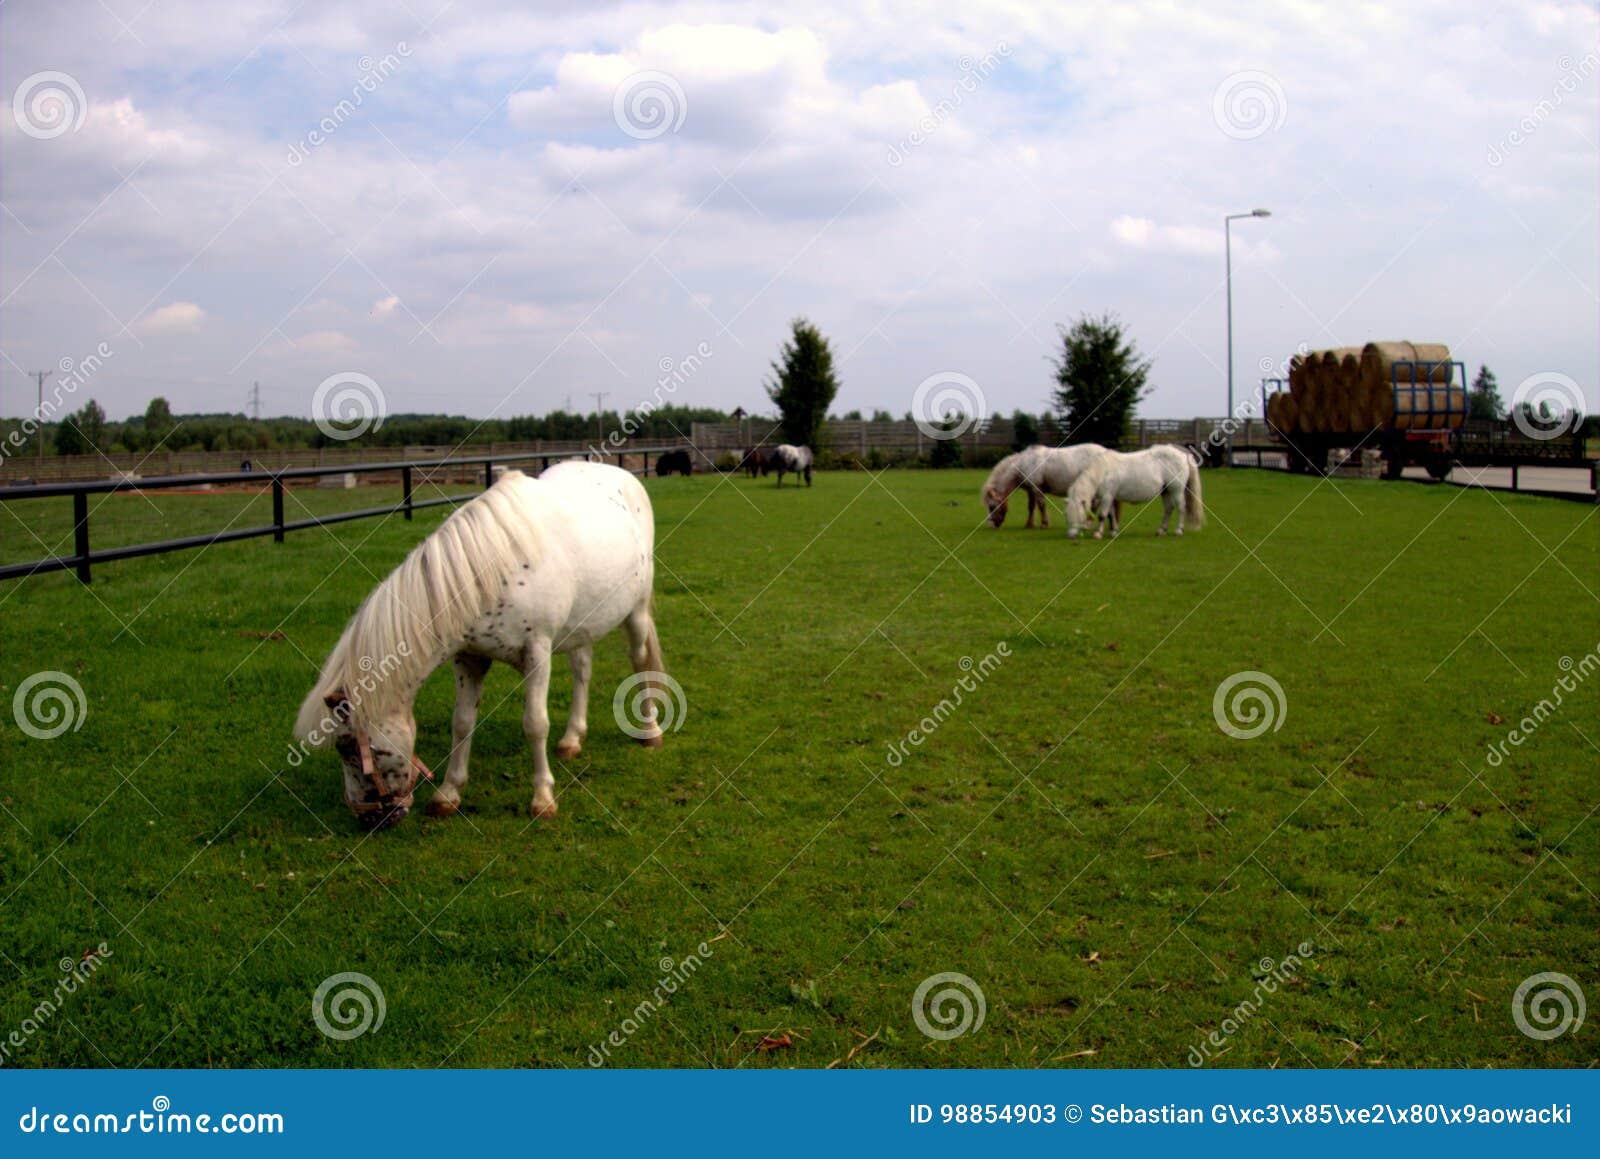 Caballos en el prado